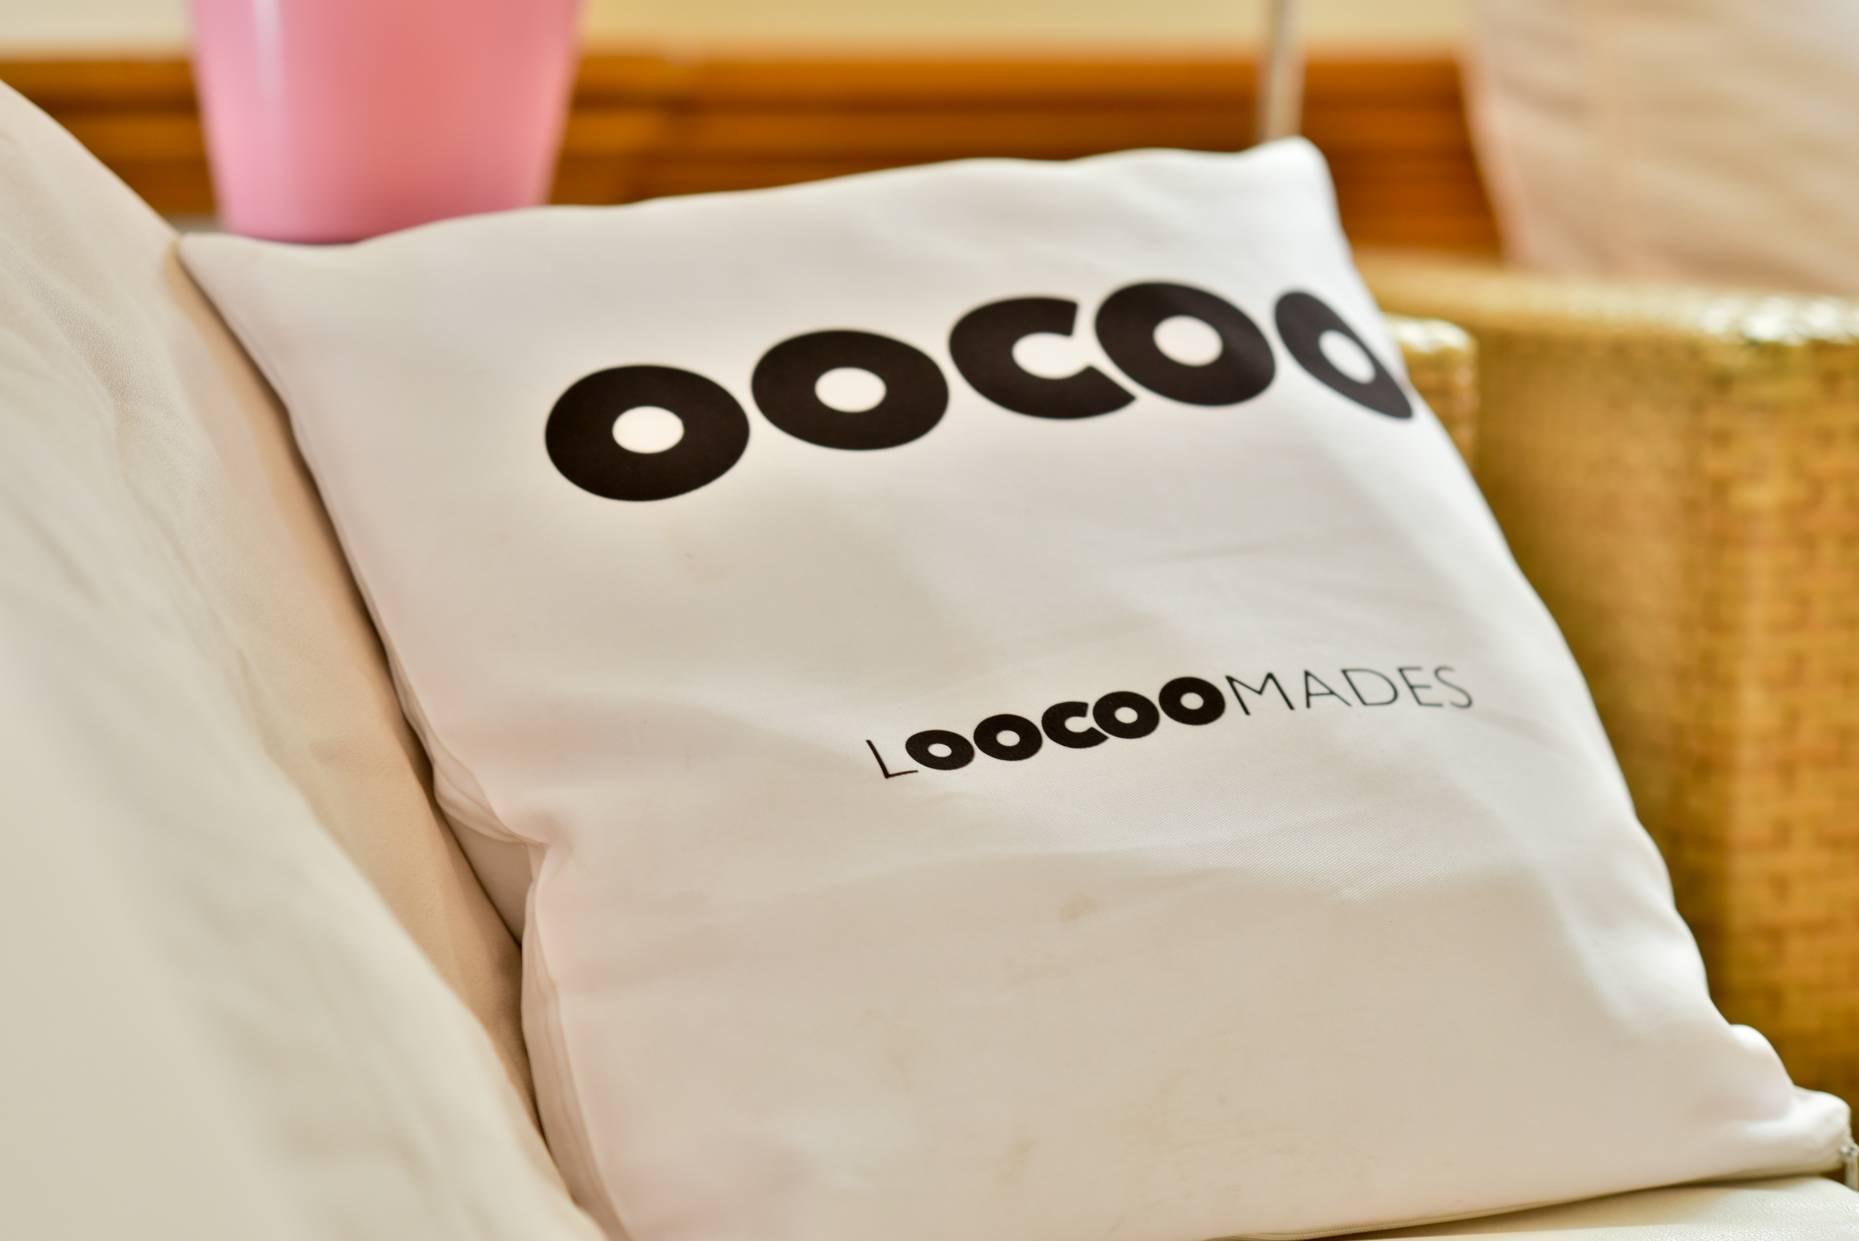 loocoomades